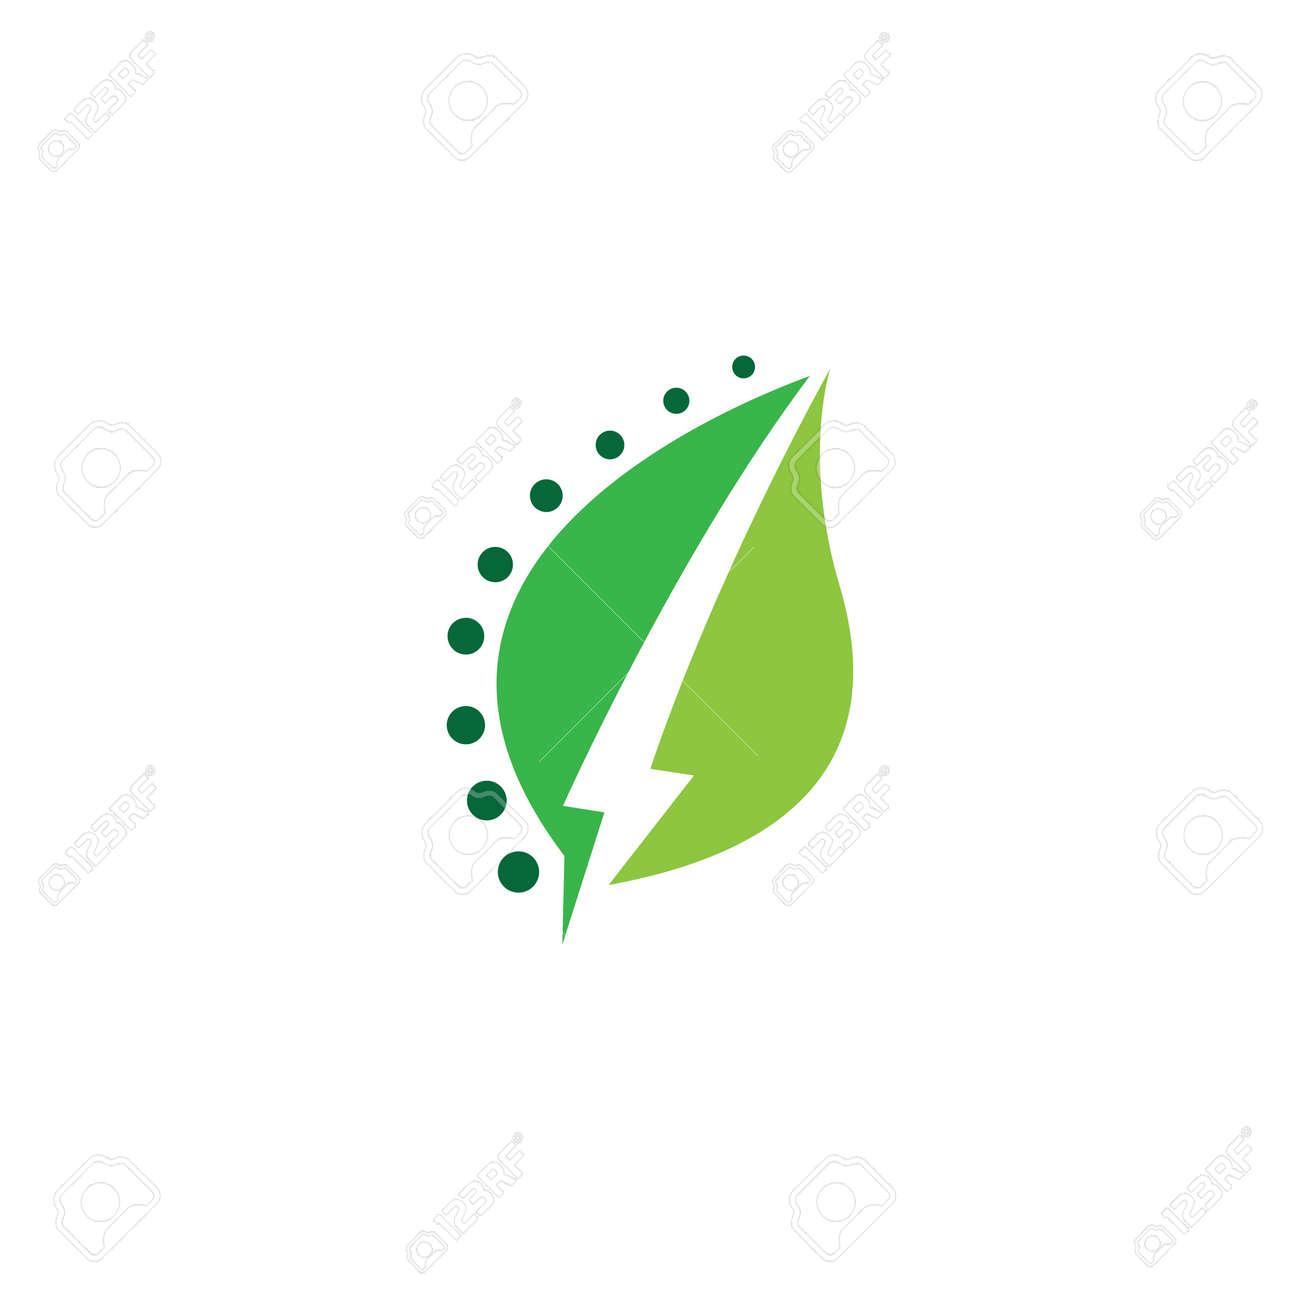 Eco energy logo images illustration design - 169624647